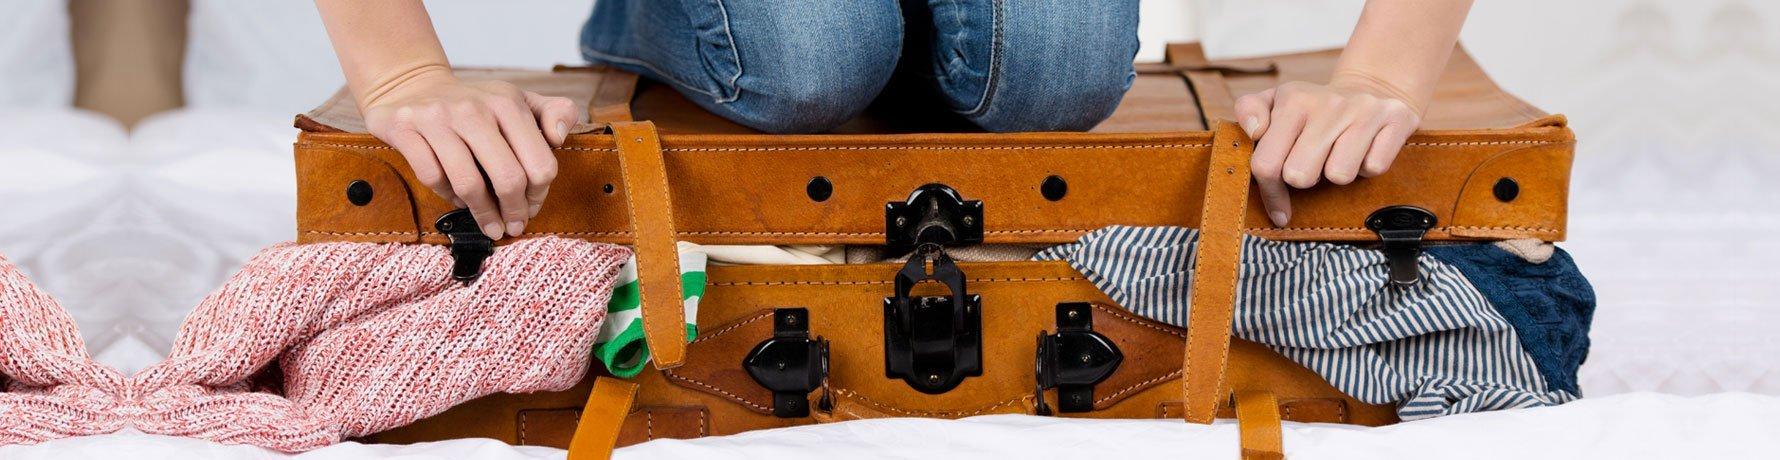 Cosa mettere nella valigia per partire per l'Australia